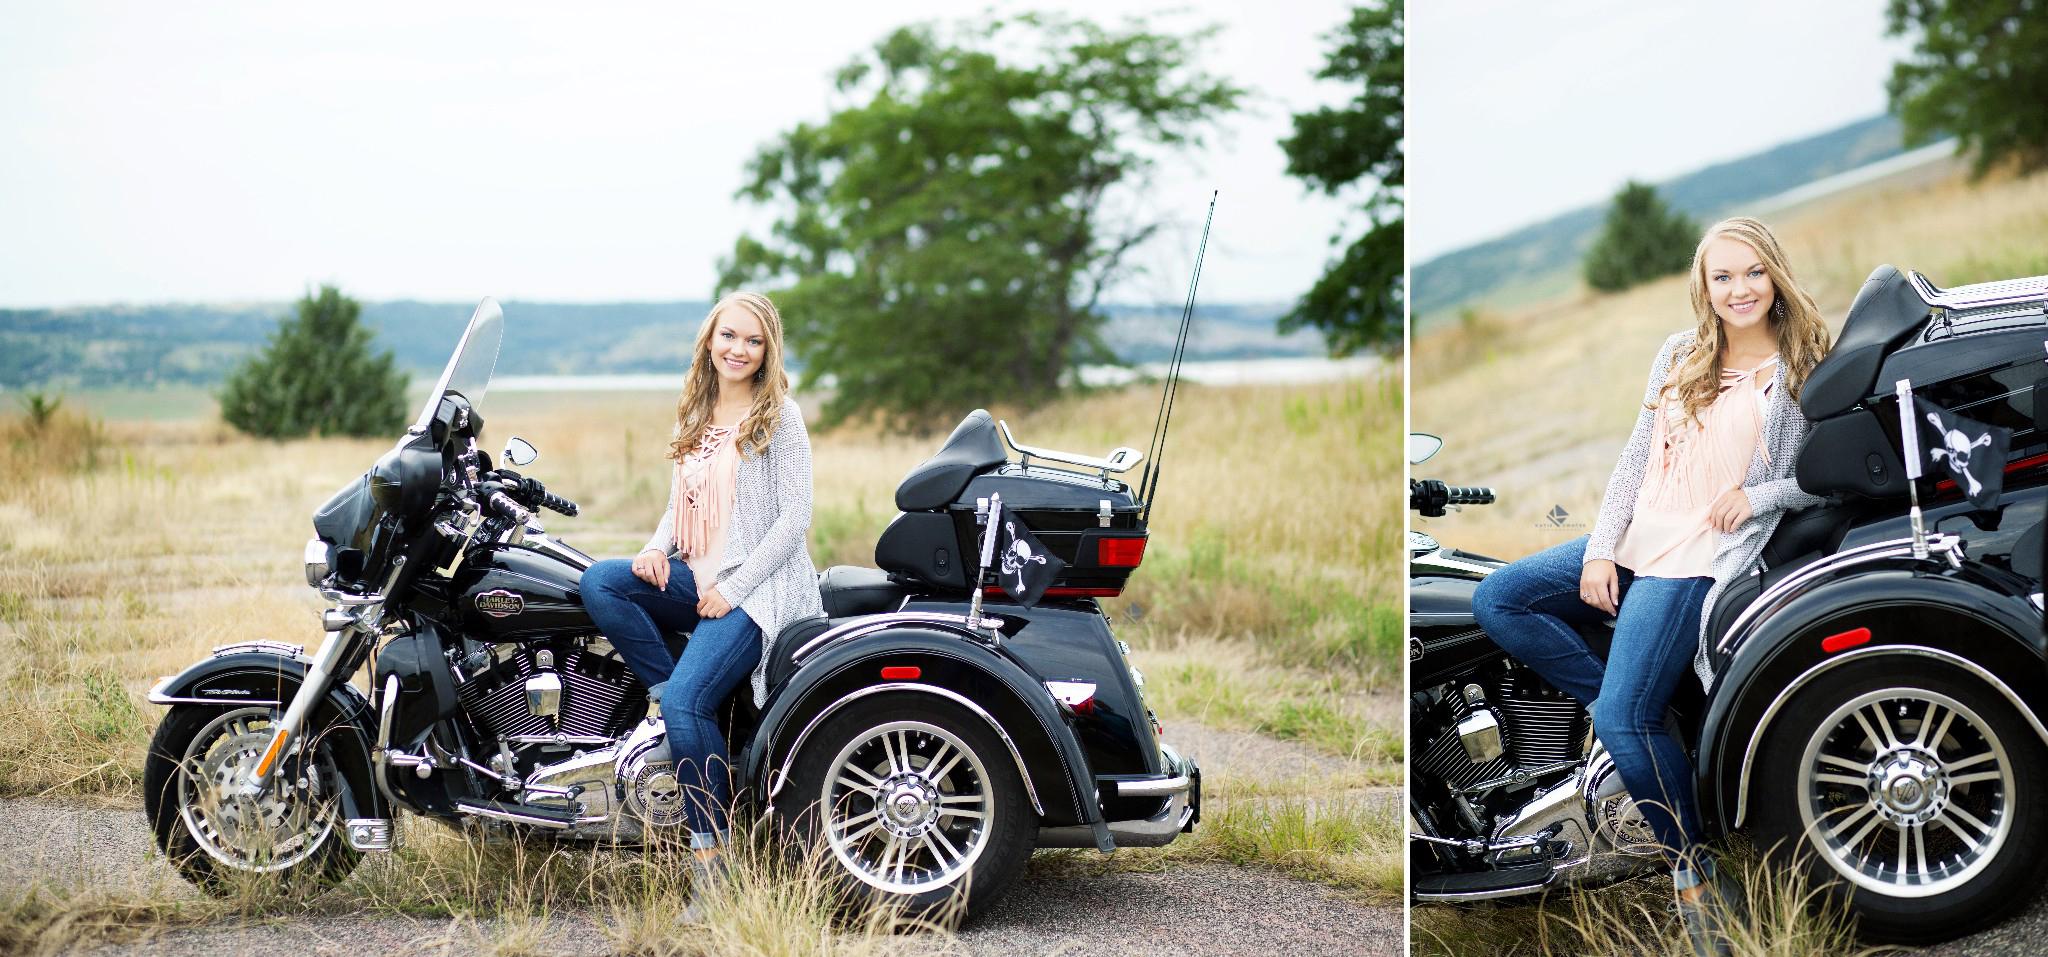 Motorcycle Senior Images by Katie Swatek Photography   Senior Girl Images by Katie Swatek Photography